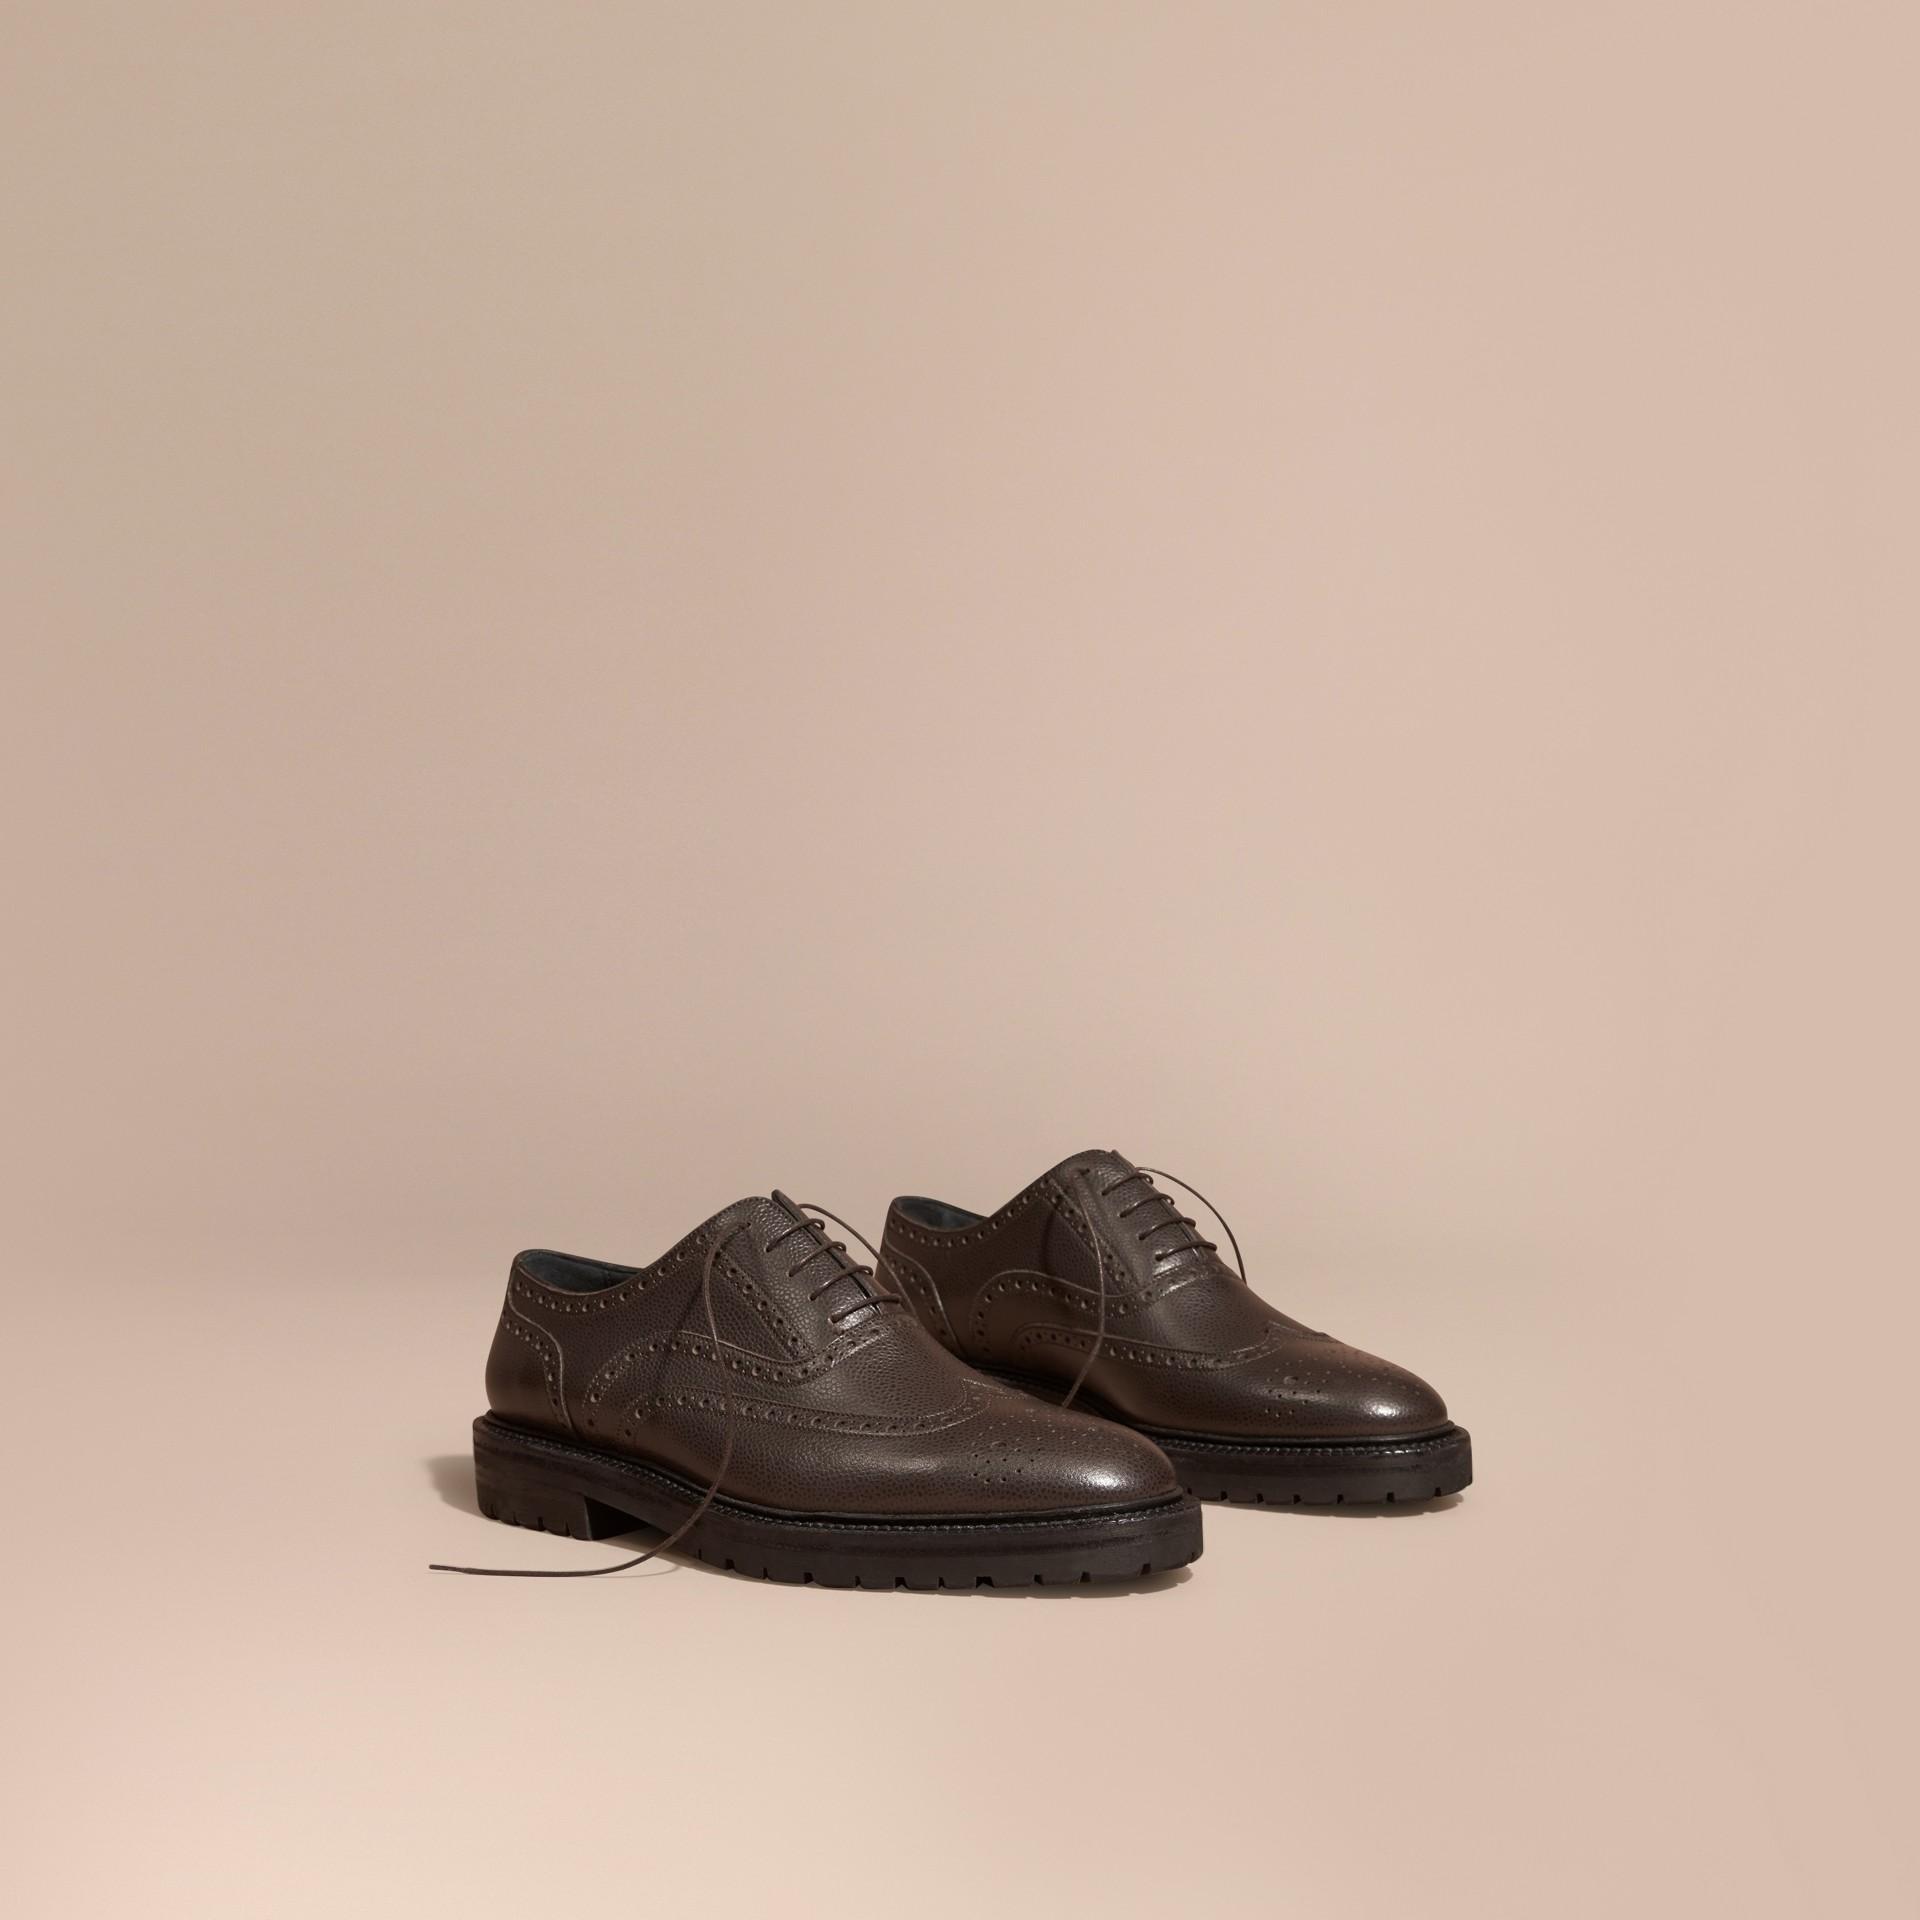 Chocolat amer Chaussures Richelieu en cuir grené à bout golf avec semelles en caoutchouc Chocolat Amer - photo de la galerie 1